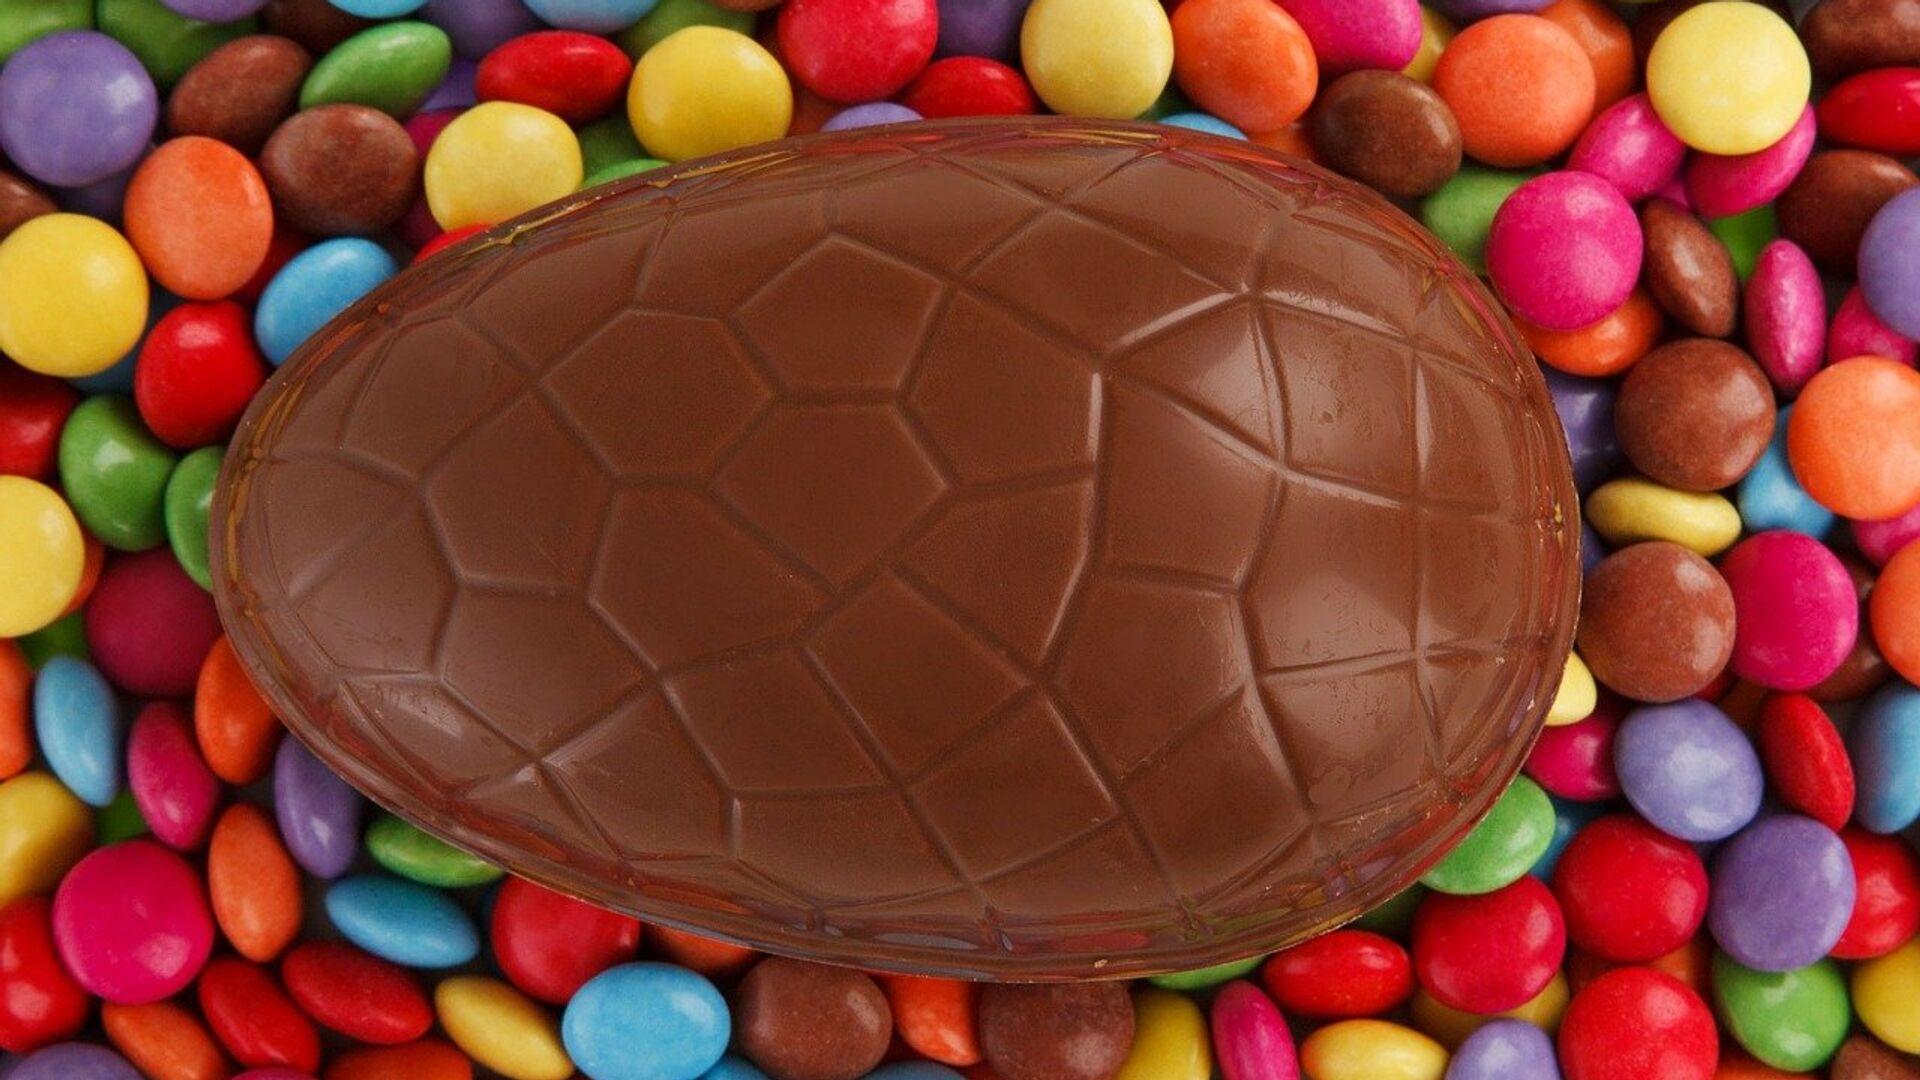 Un huevo de Pascua de chocolate - Sputnik Mundo, 1920, 02.04.2021